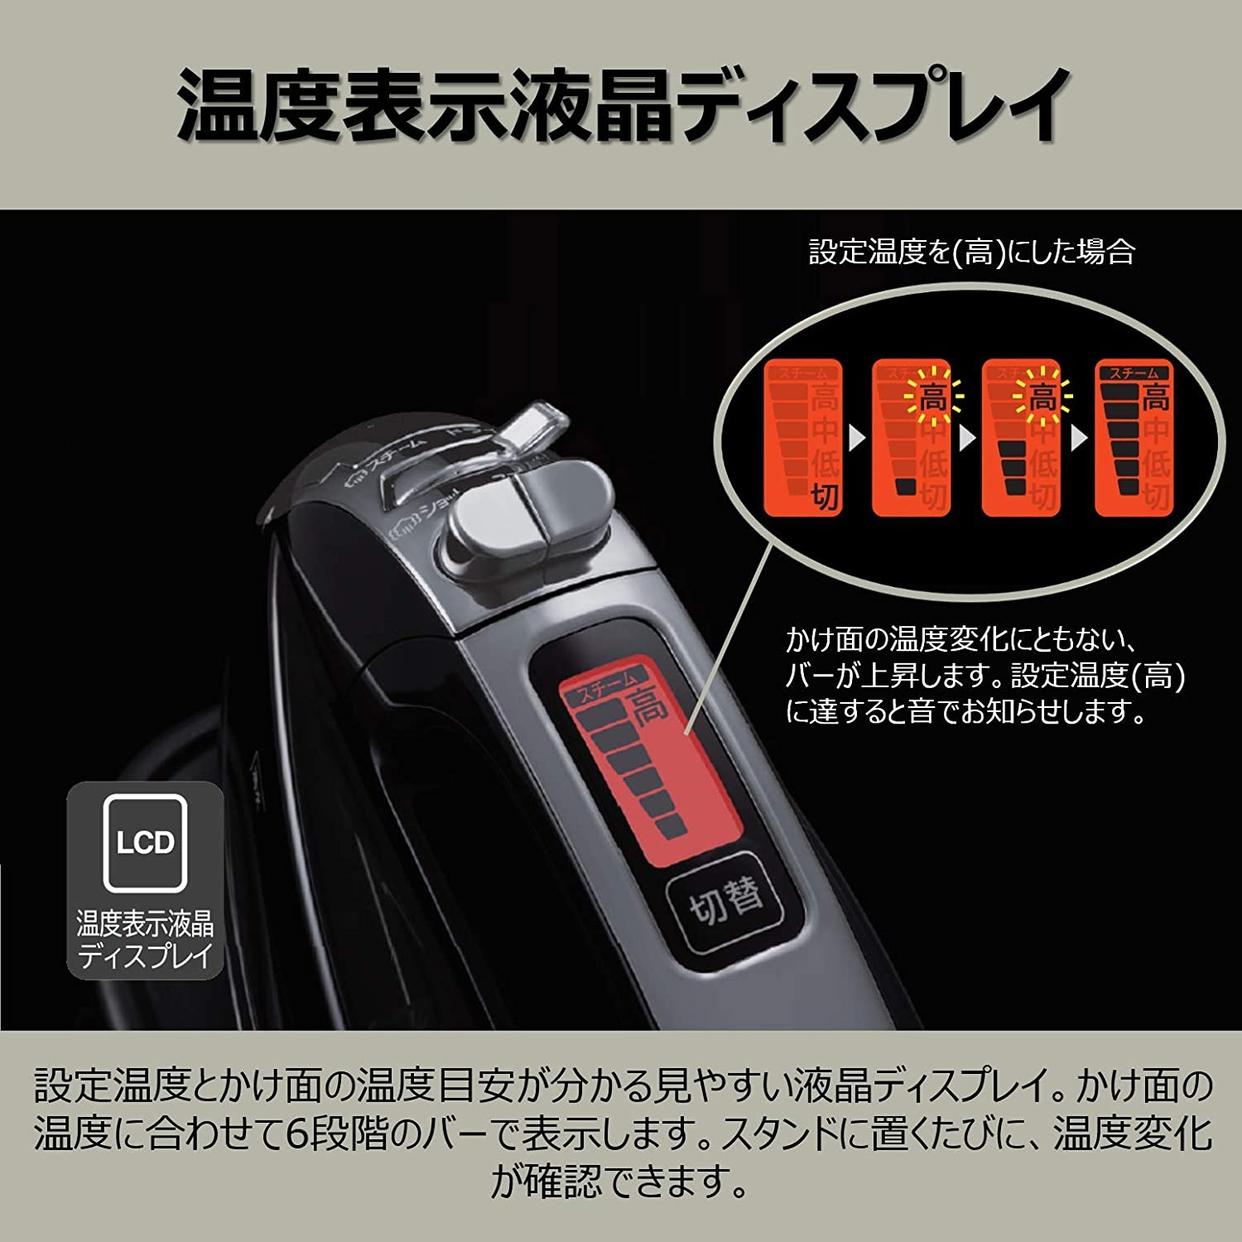 日立(HITACHI) コードレススチームアイロン CSI-307の商品画像2